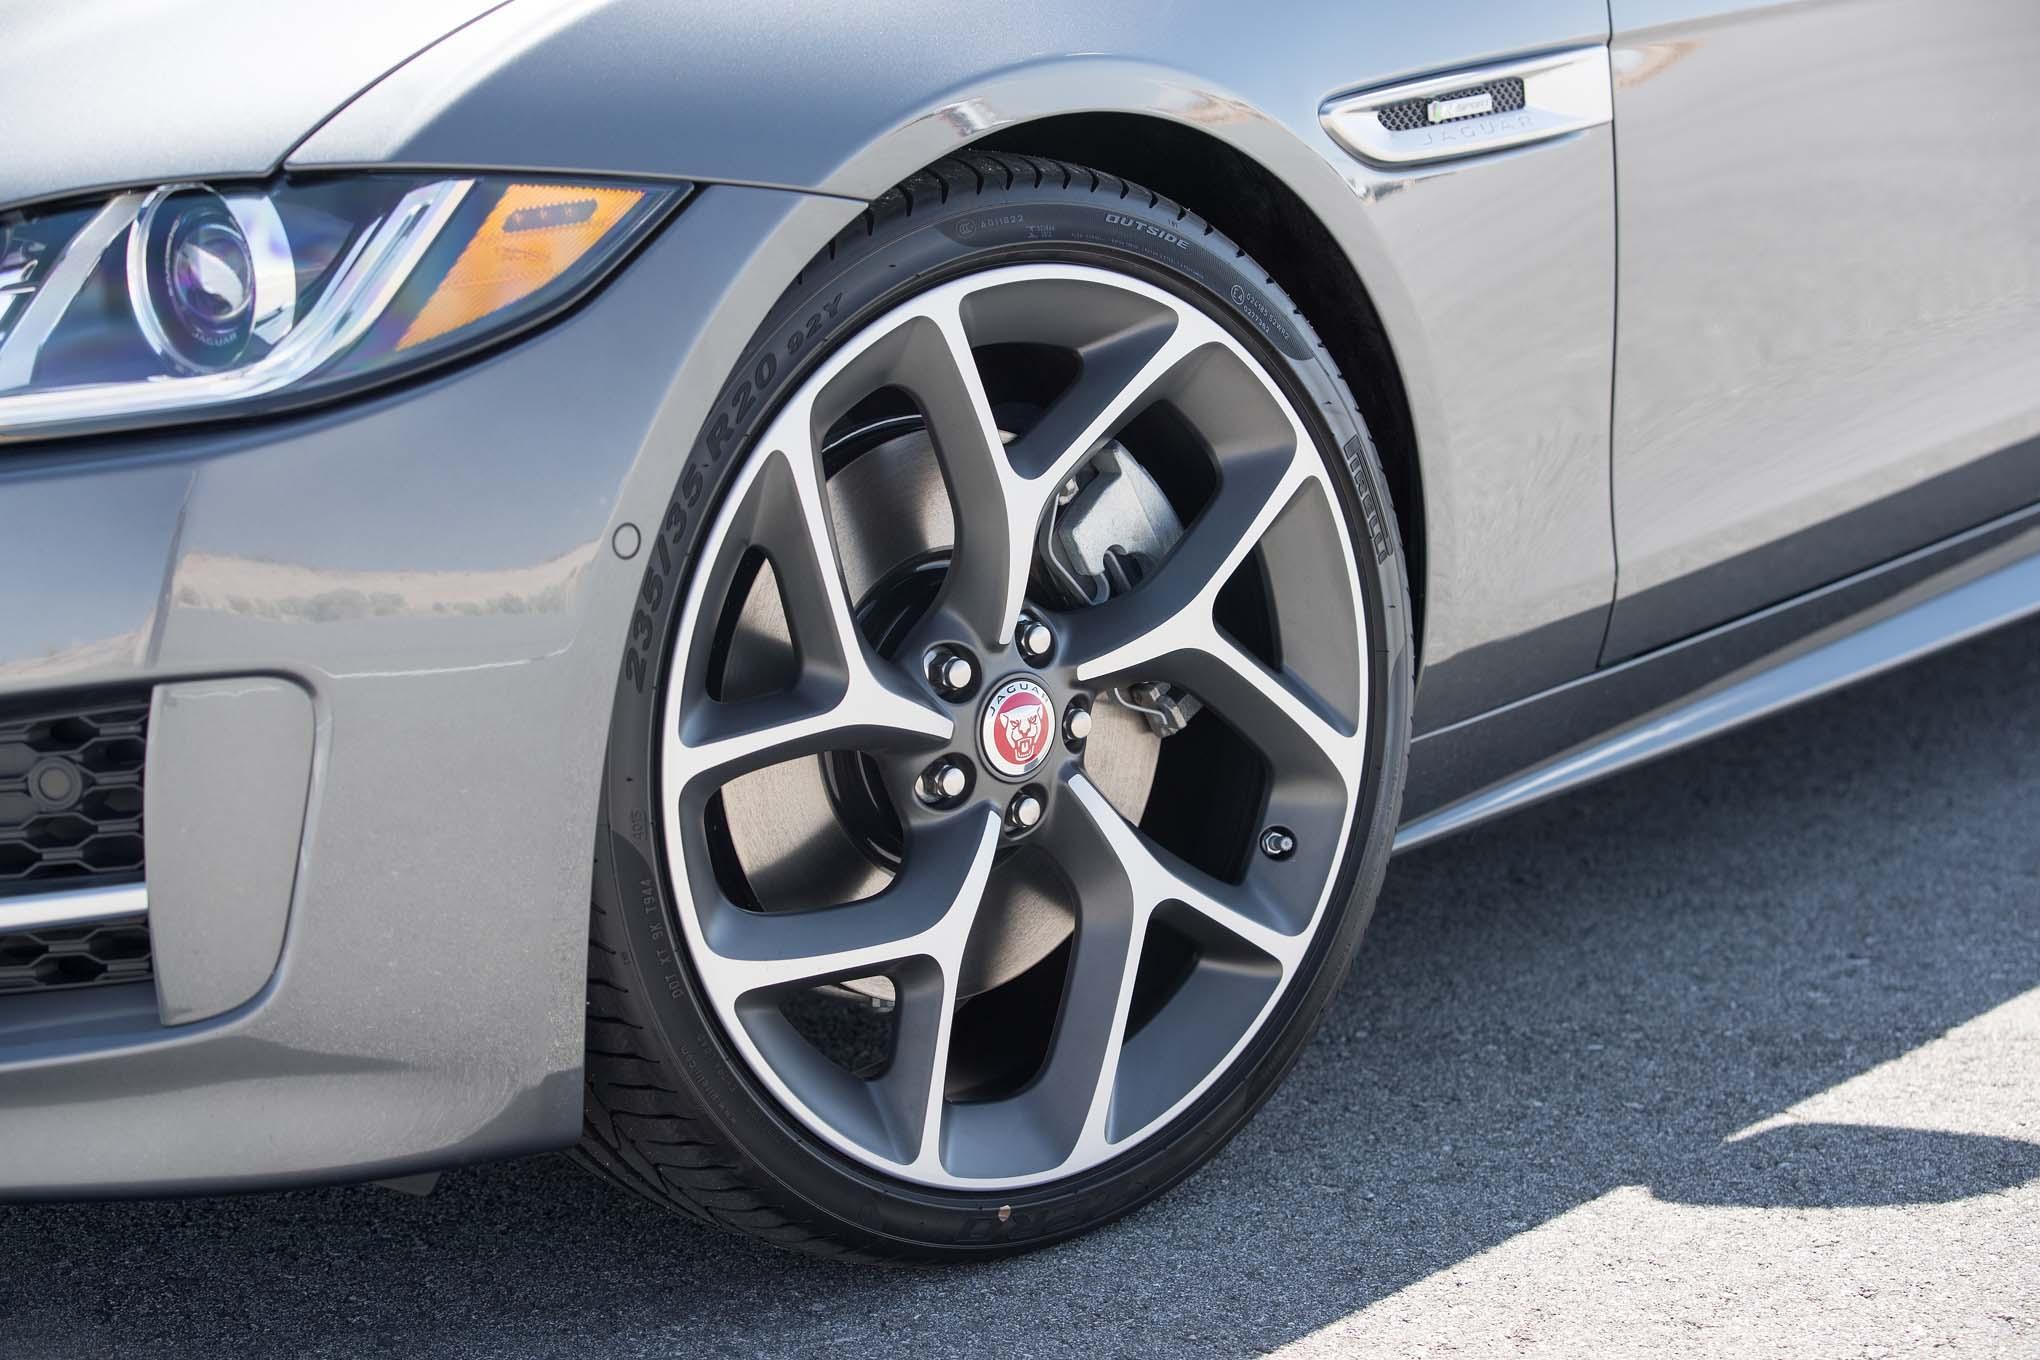 wheels factory xf of rims oem p s picture jaguar set